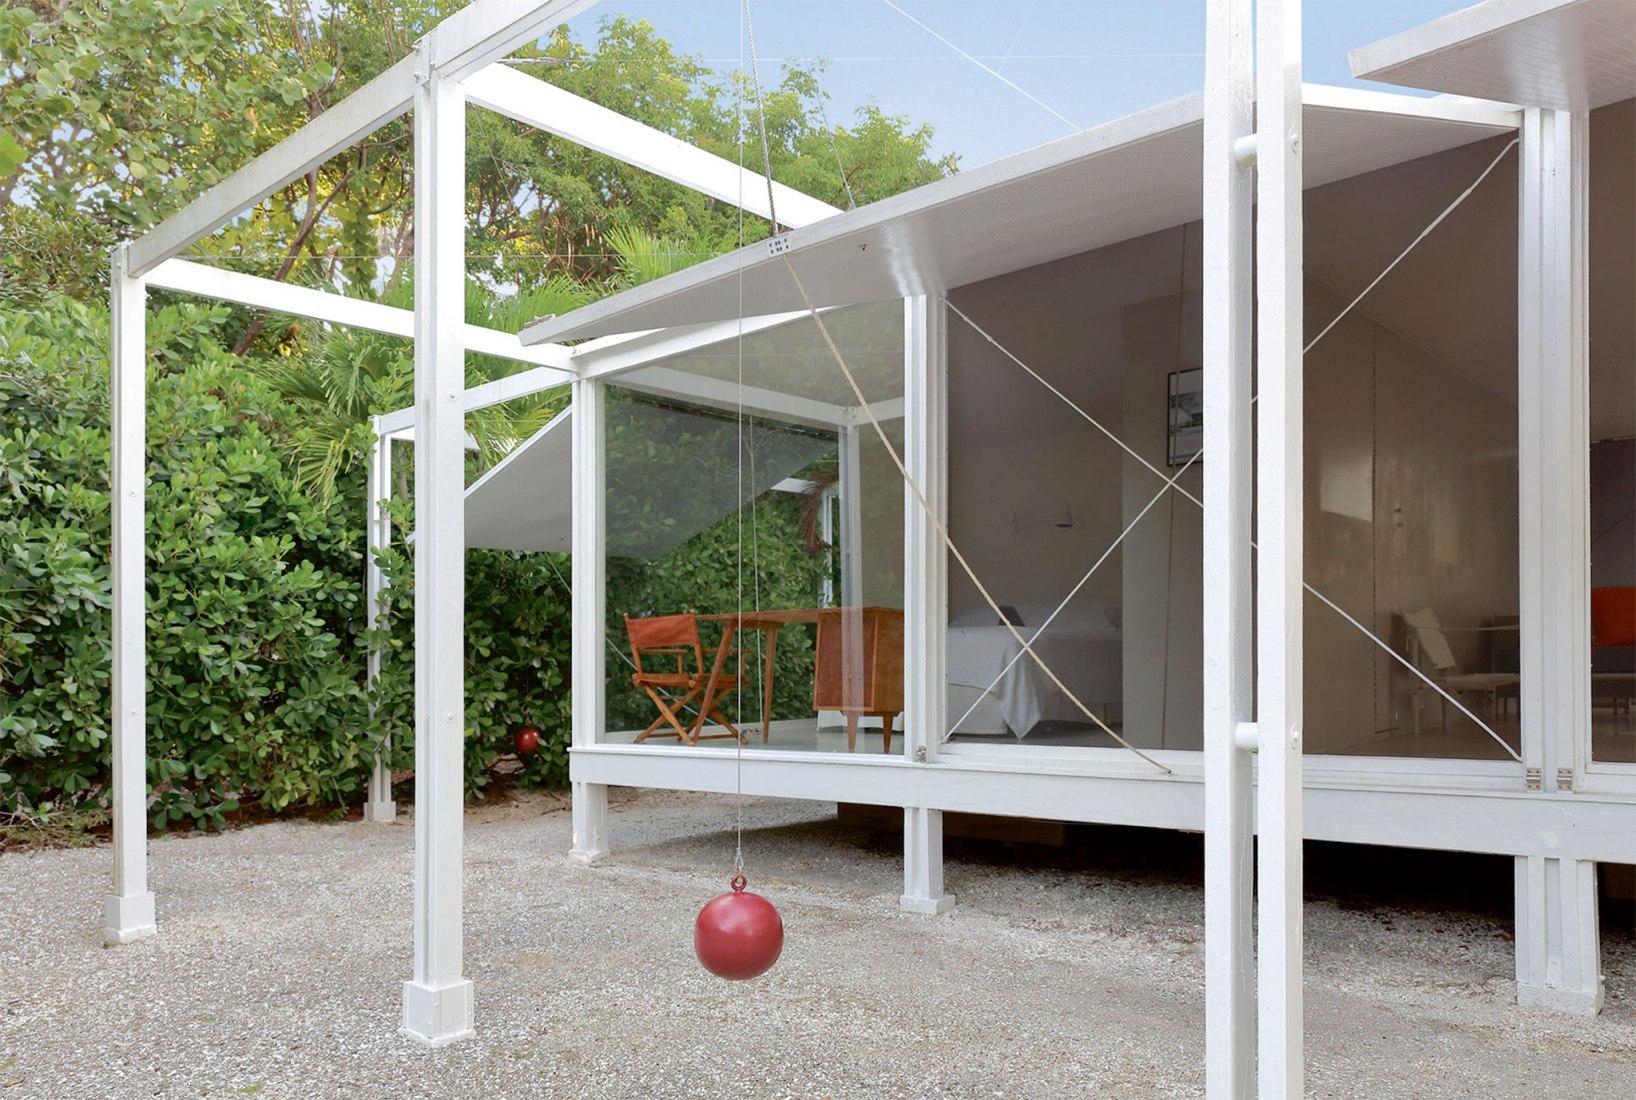 La casa de invitados Walker proyectada por Paul Rudolph. Fotografía por Sotheby's